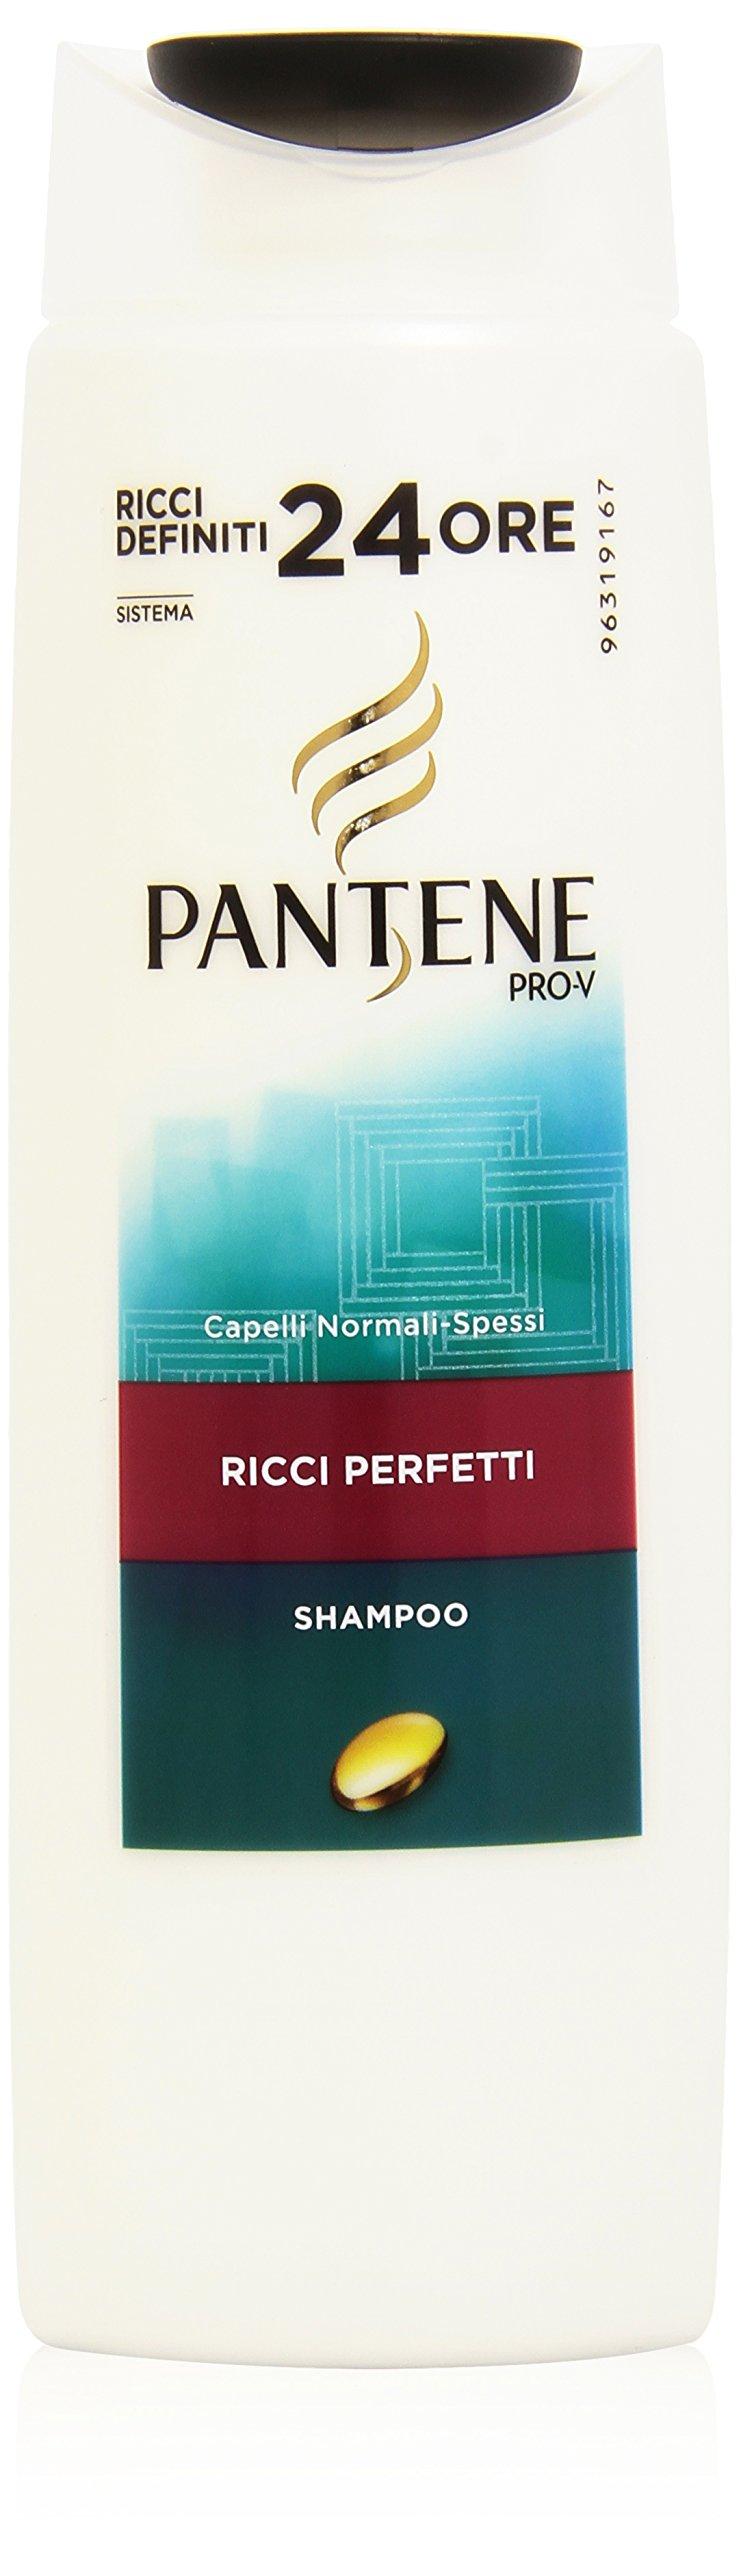 Pantene Pro-V Shampoo Ricci Perfetti per Capelli Normali Spessi - 250 ml